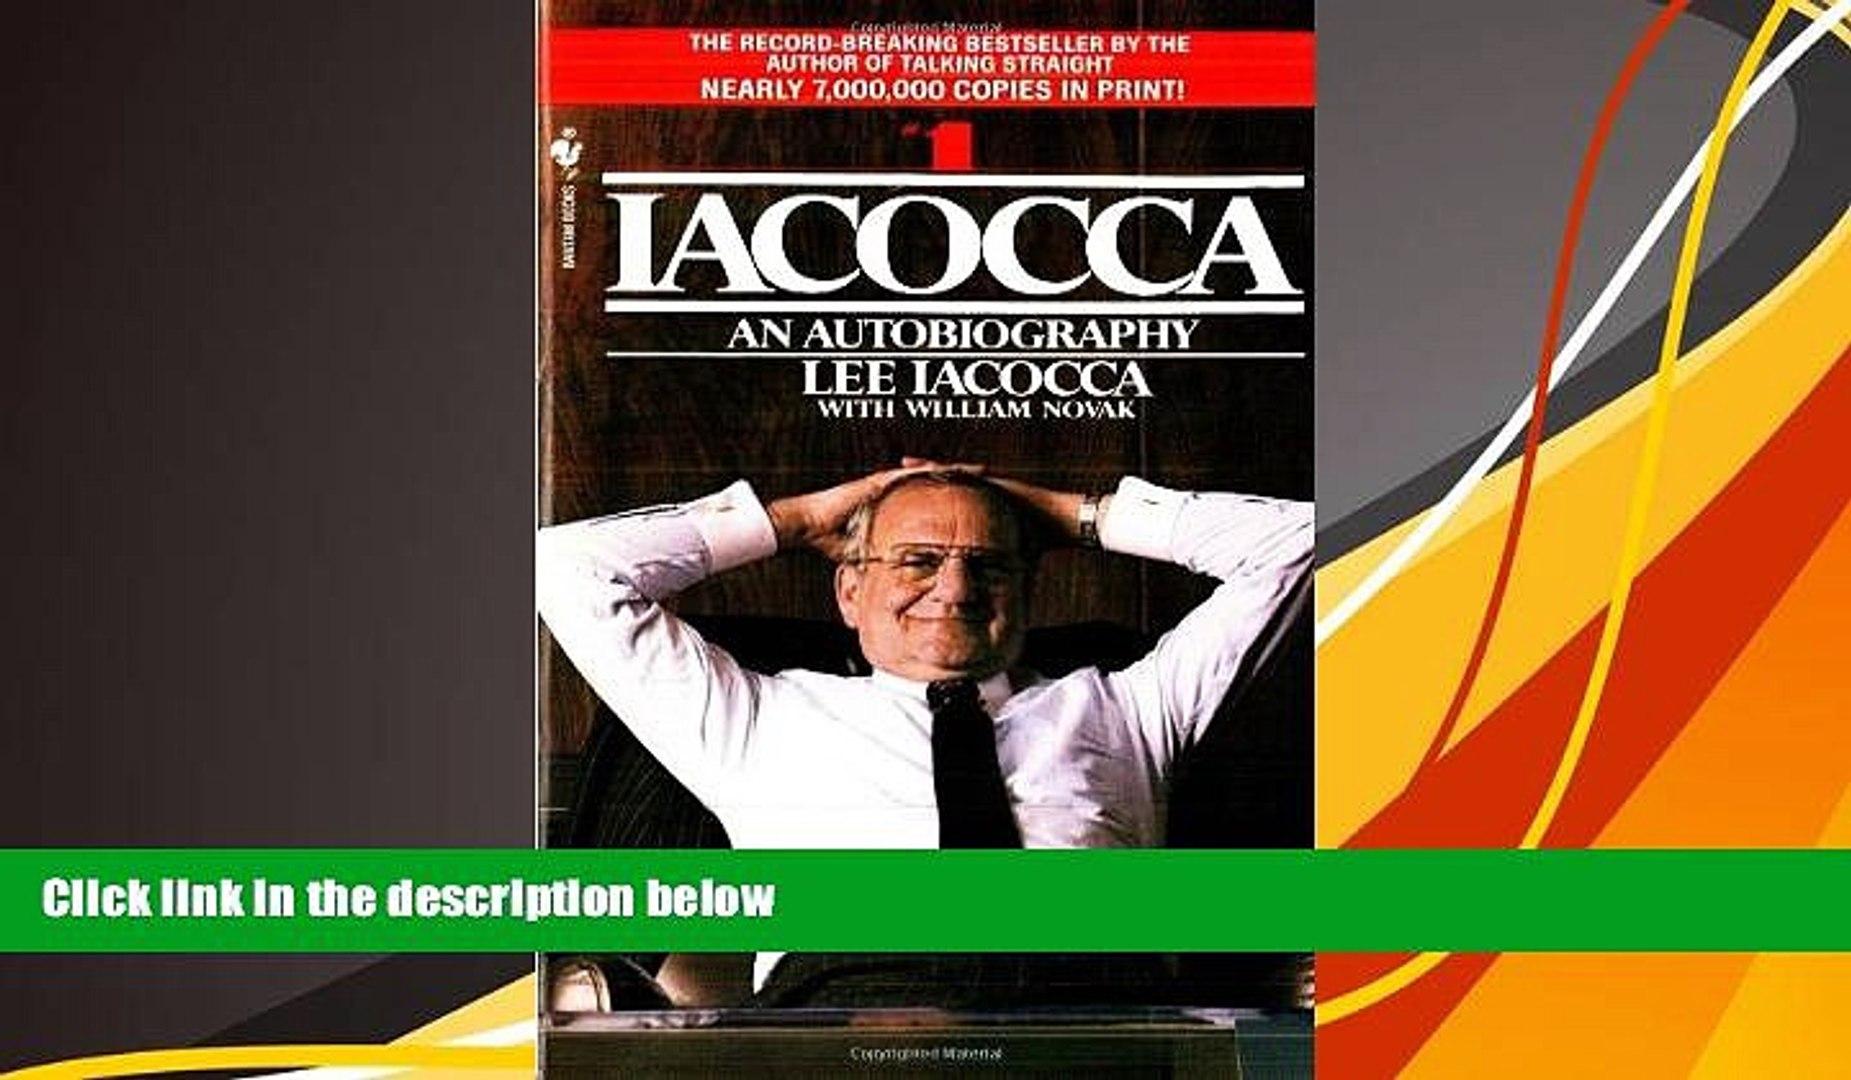 iacocca autobiography pdf